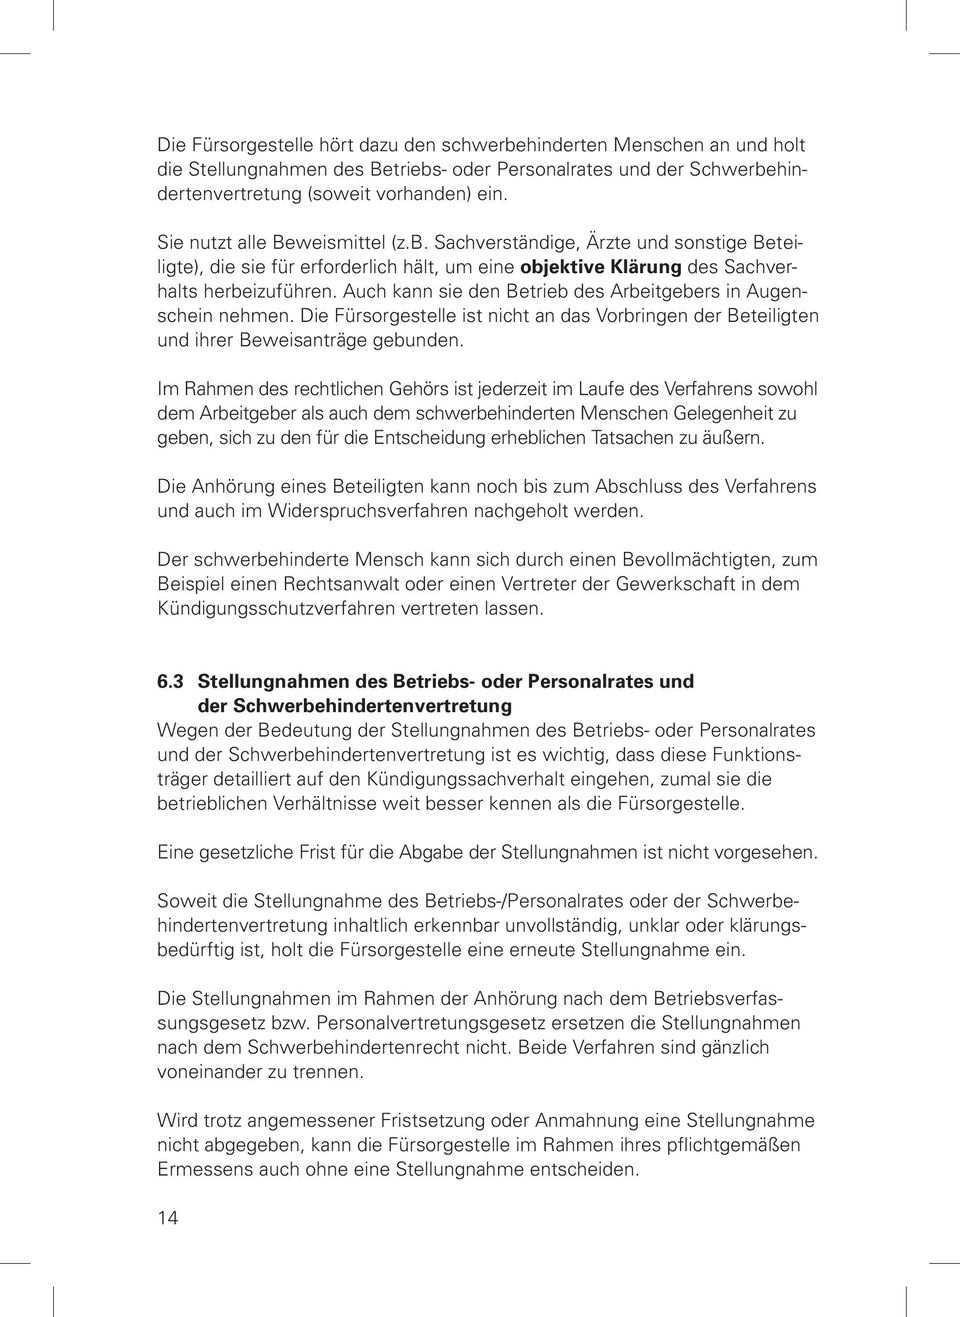 Integrationsamt Der Besondere Kundigungsschutz Fur Schwerbehinderte Menschen Im Arbeitsleben Pdf Kostenfreier Download